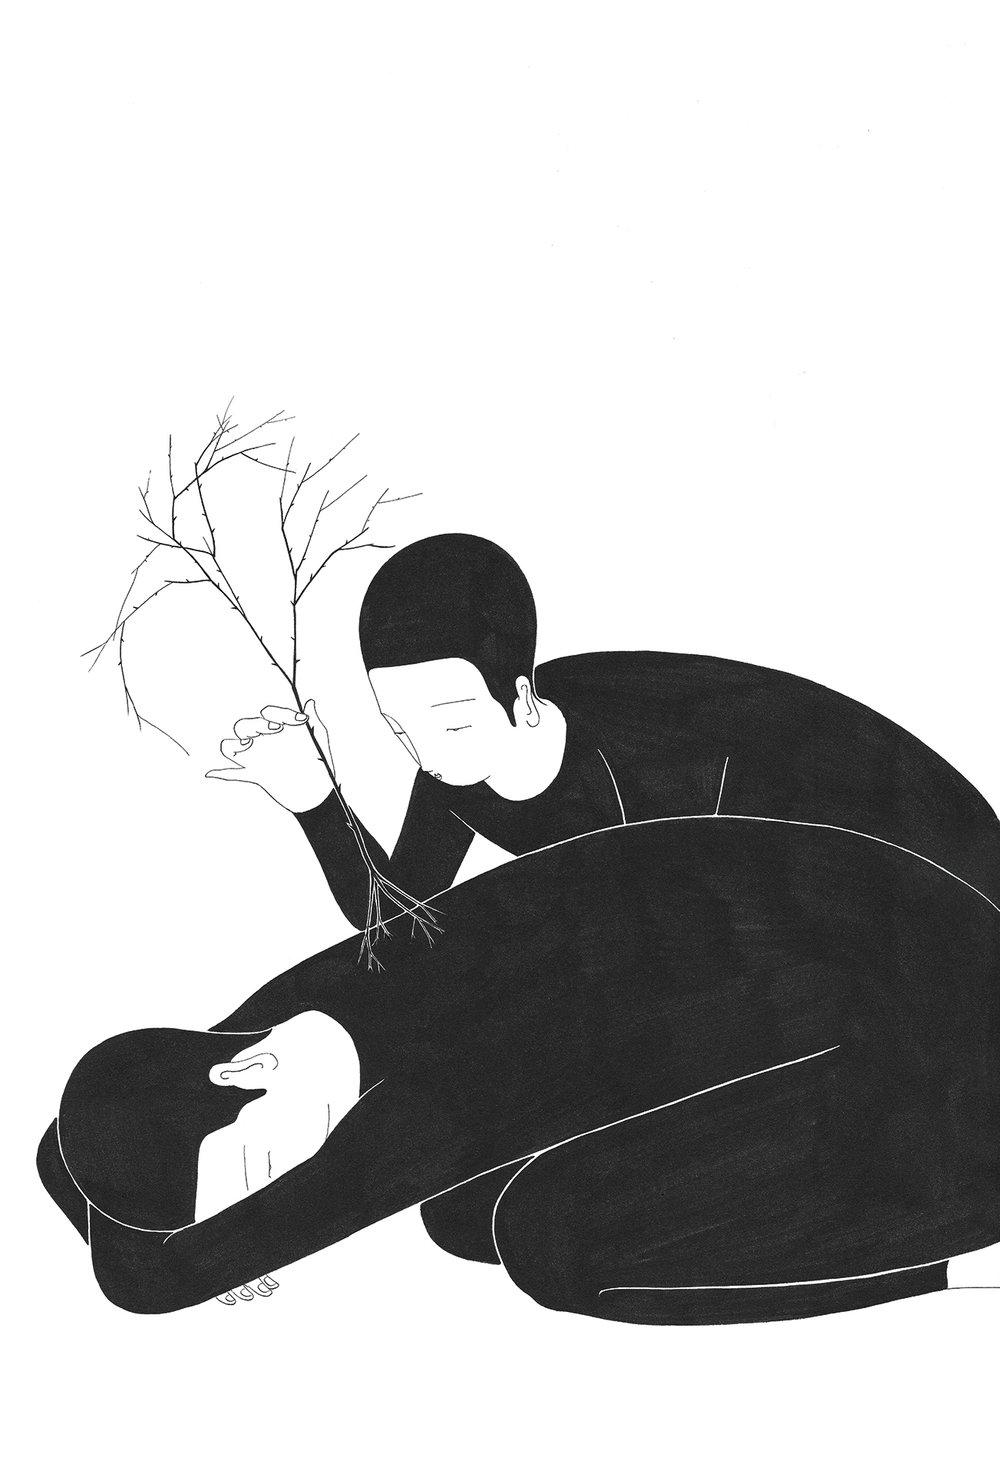 근 심 / Root of your pain Op.0150C -38 x 56 cm,종이에 잉크 / Ink on paper, 2017 Commissioned by Minumsa